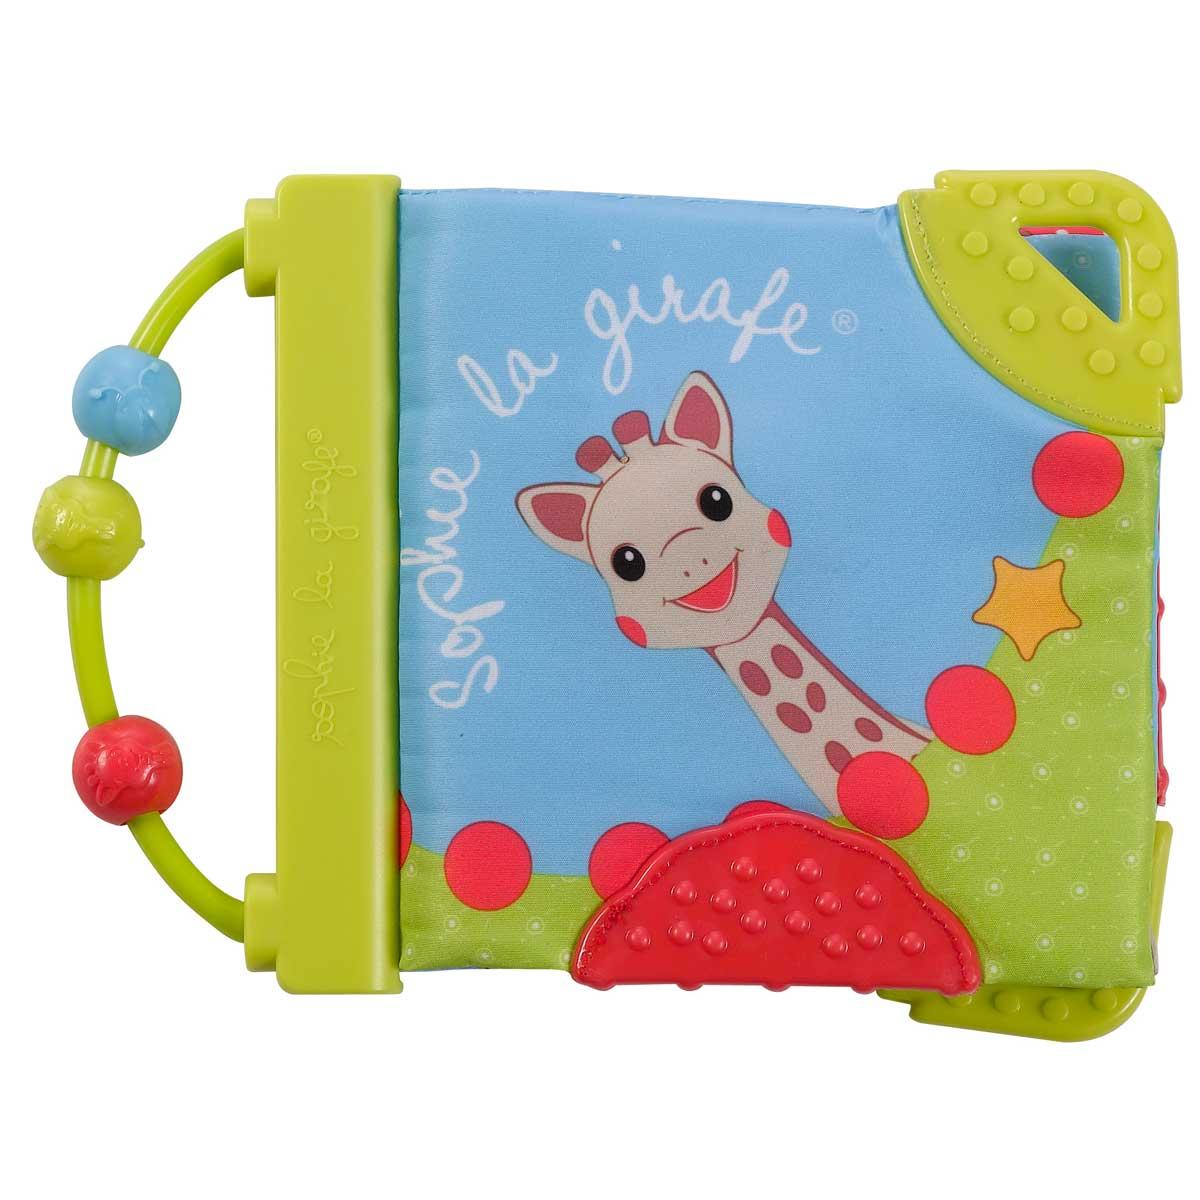 vulli livre d 39 veil sophie la girafe 230764 comparer. Black Bedroom Furniture Sets. Home Design Ideas